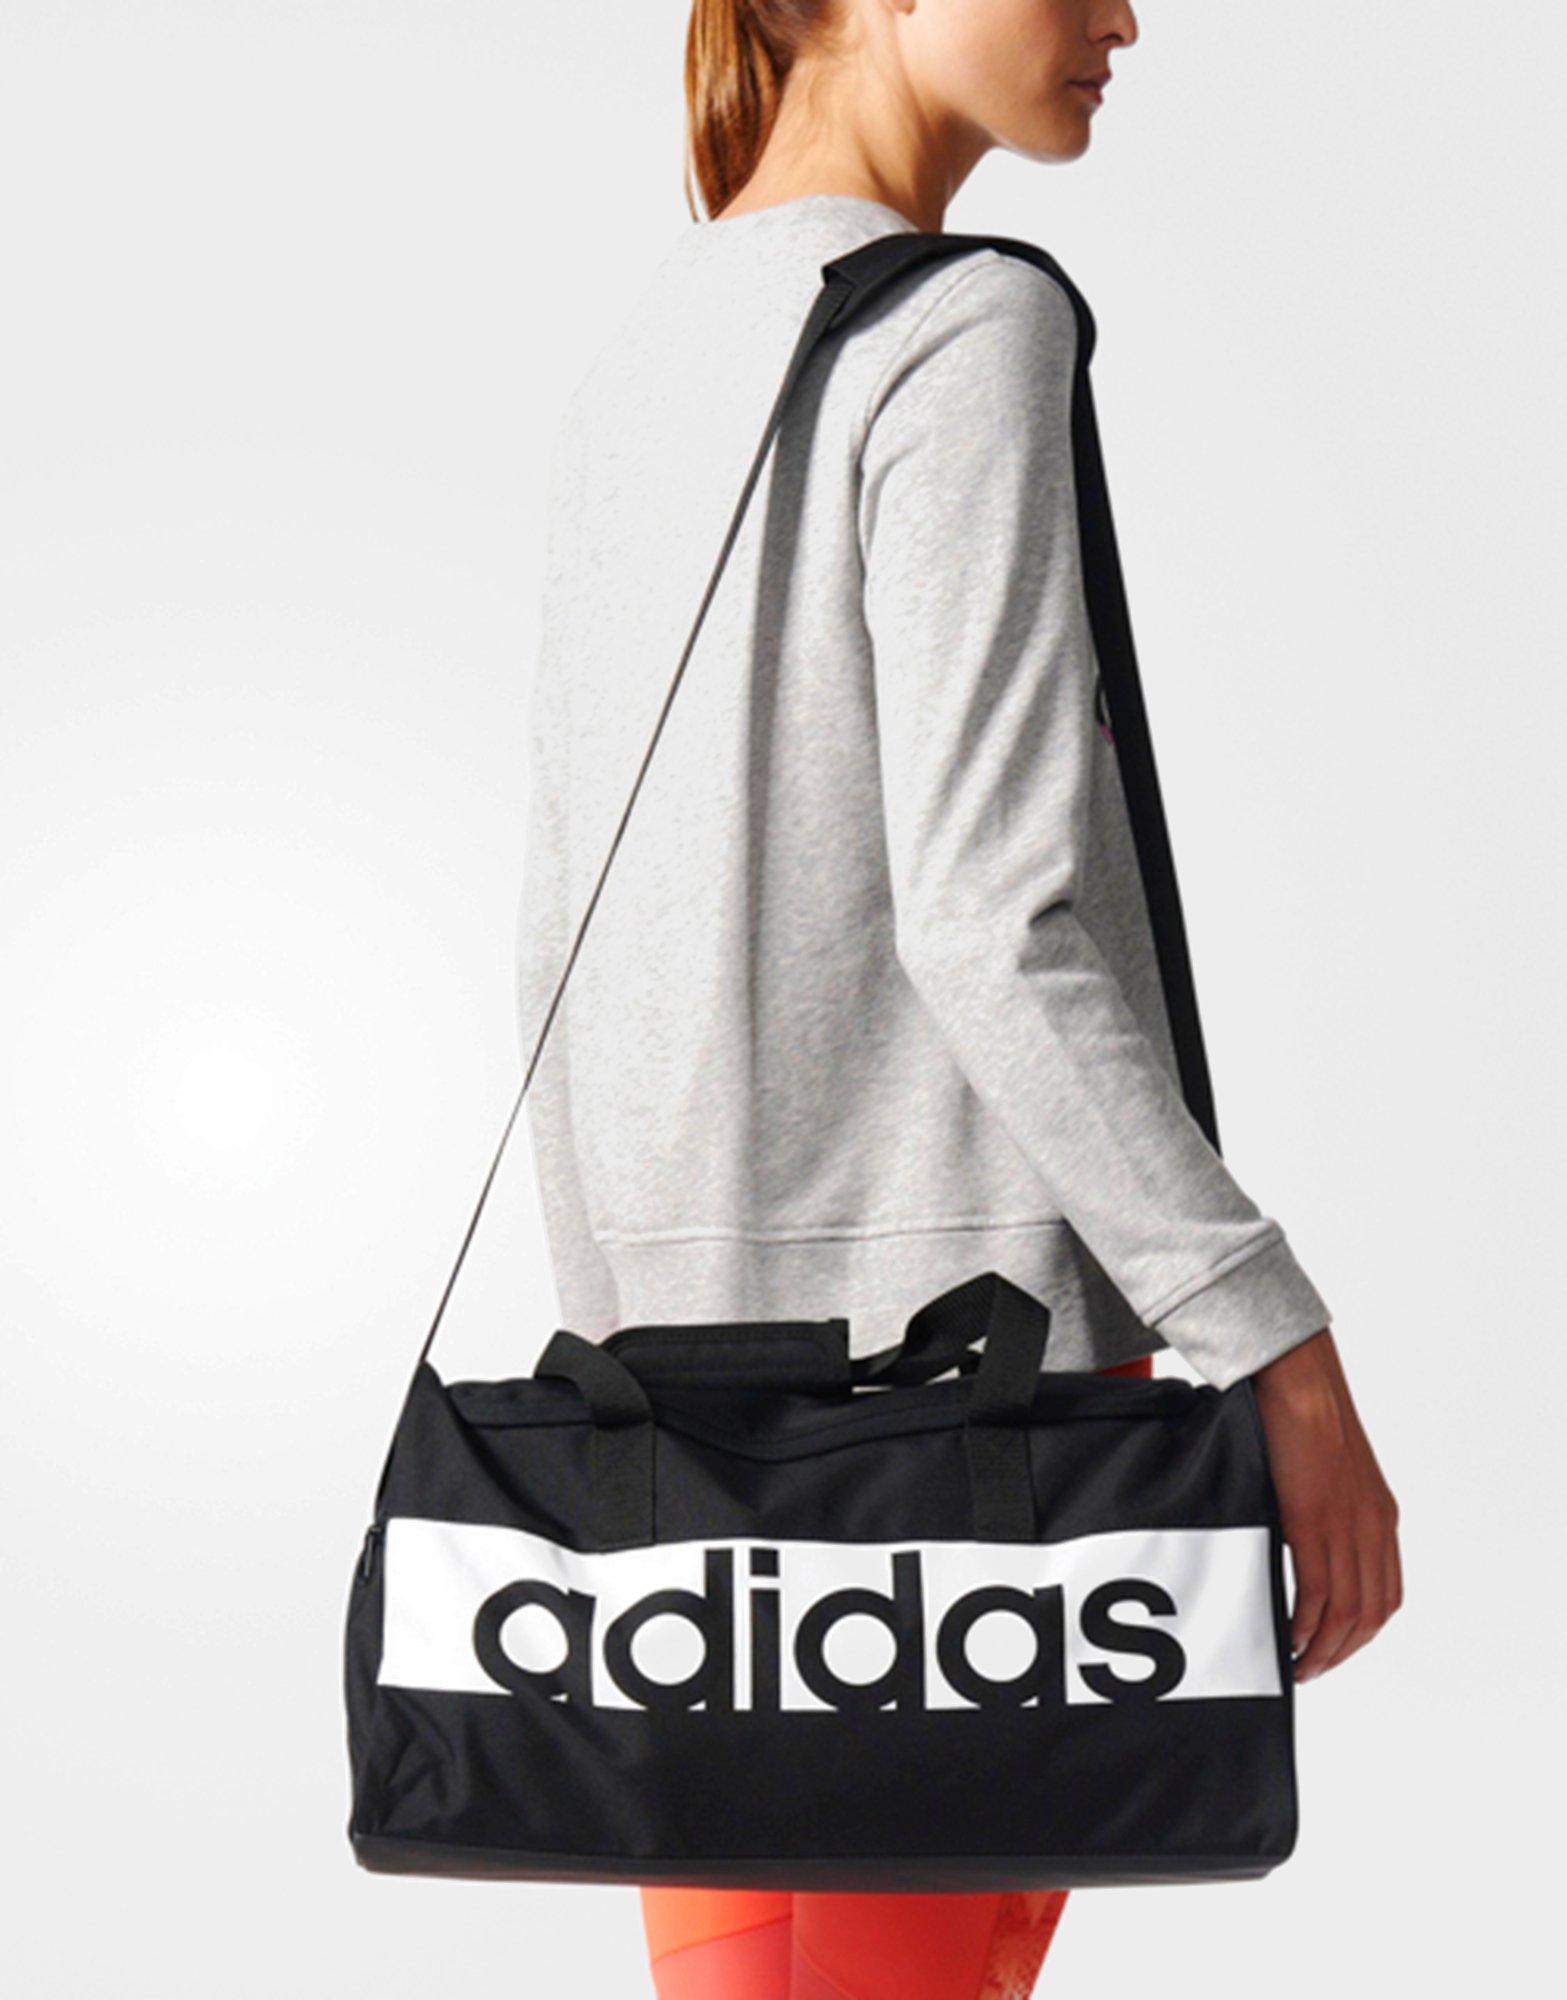 21bf48380b adidas Linear Performance Duffel Bag Small in Black - Lyst